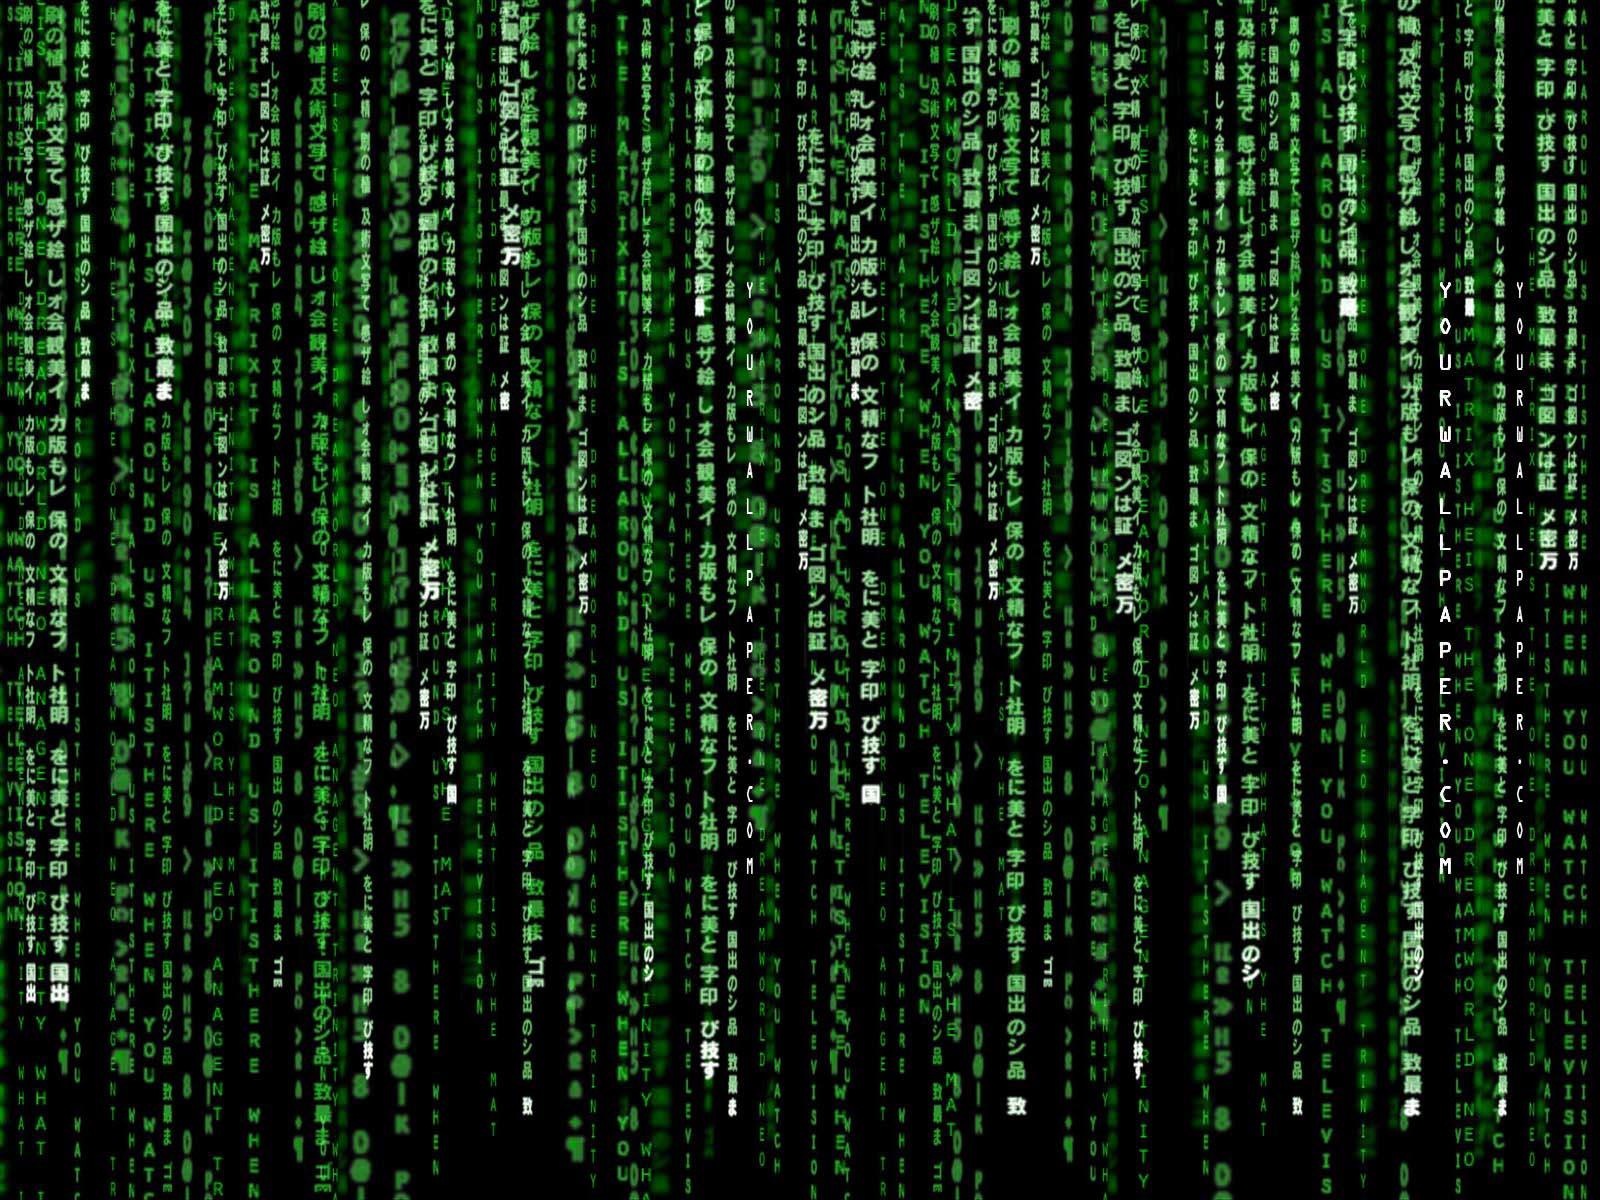 http://4.bp.blogspot.com/_to_dITiFe90/TMGhZfDHIlI/AAAAAAAADg0/bPoXOYhXOY4/s1600/Matrix+tut+2.jpg